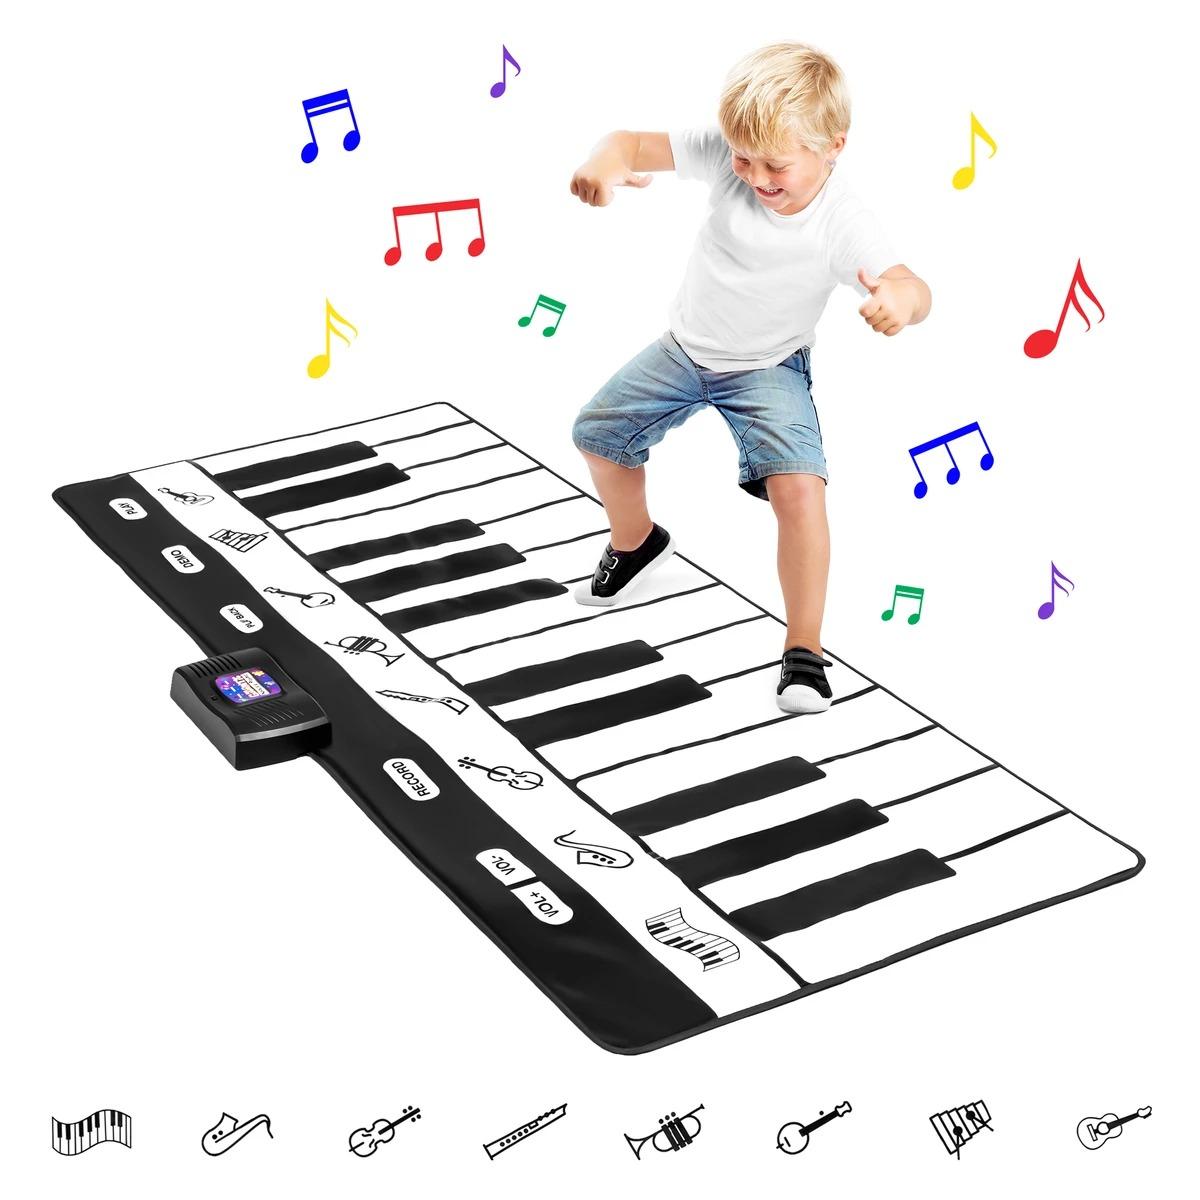 BCP大型鋼琴鍵盤遊戲墊 $26.99(原價$72.99)